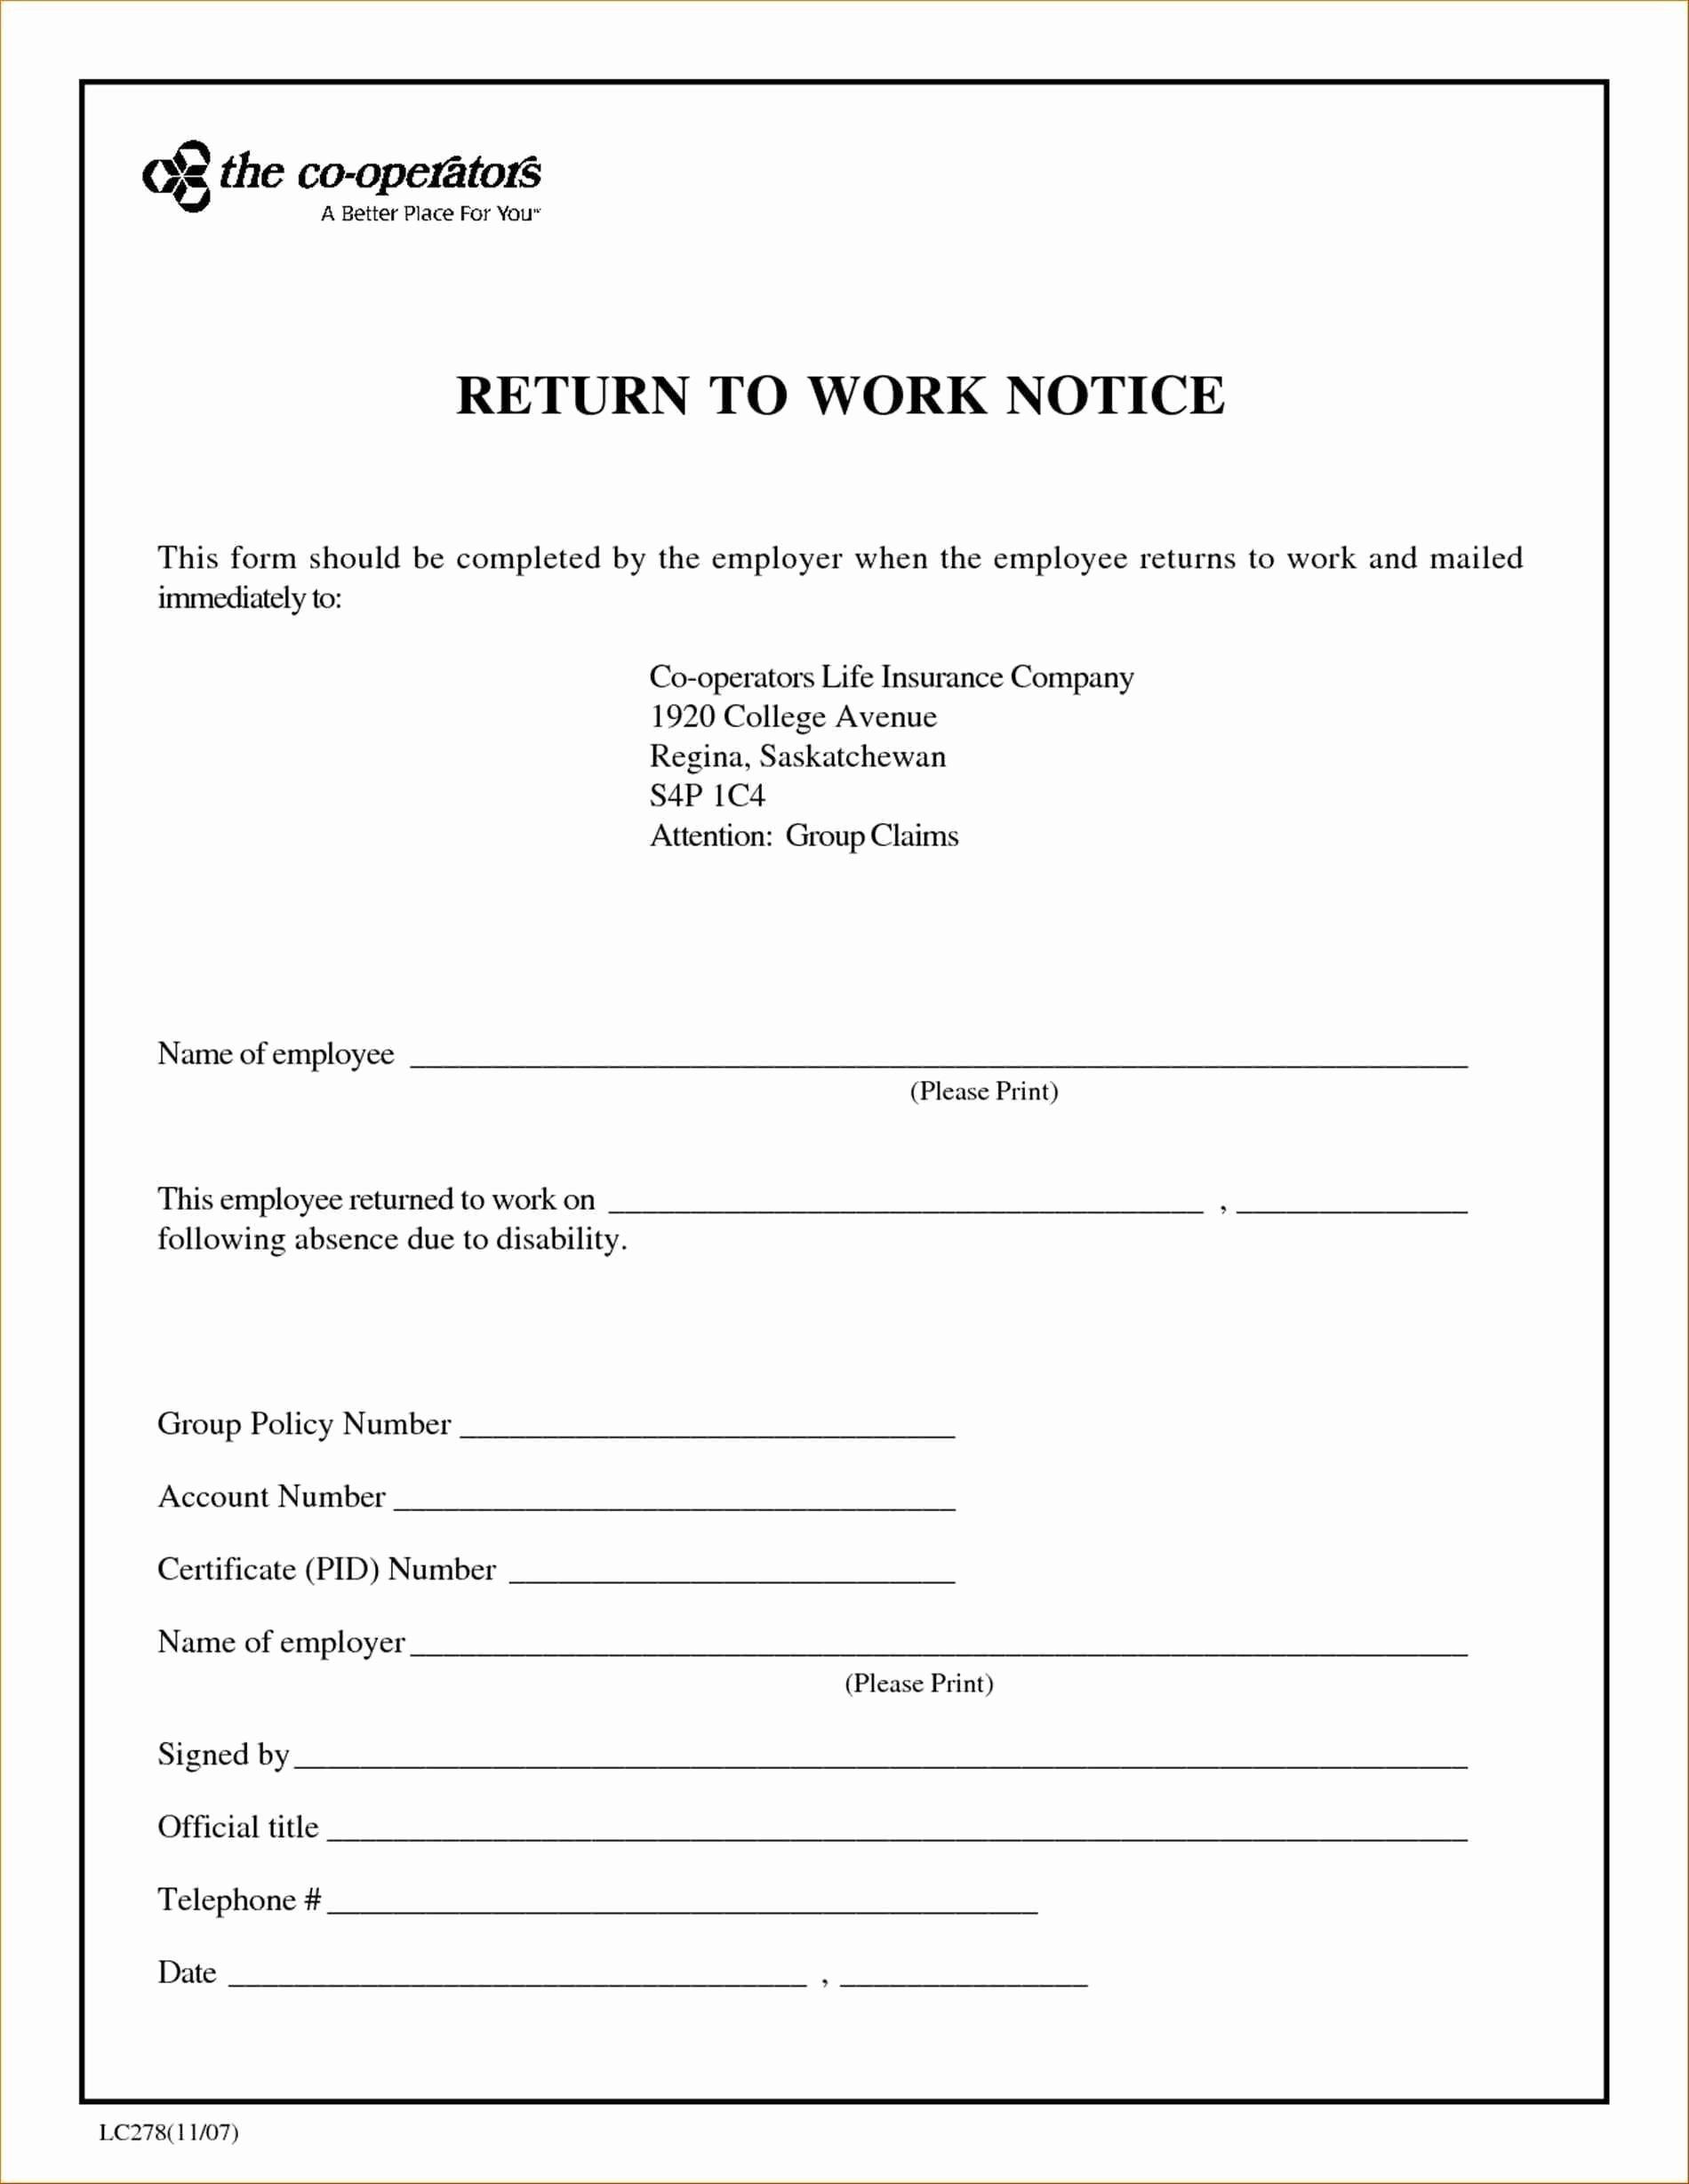 Fake Doctors Note Template Pdf Luxury Return to Work Doctors Note Template